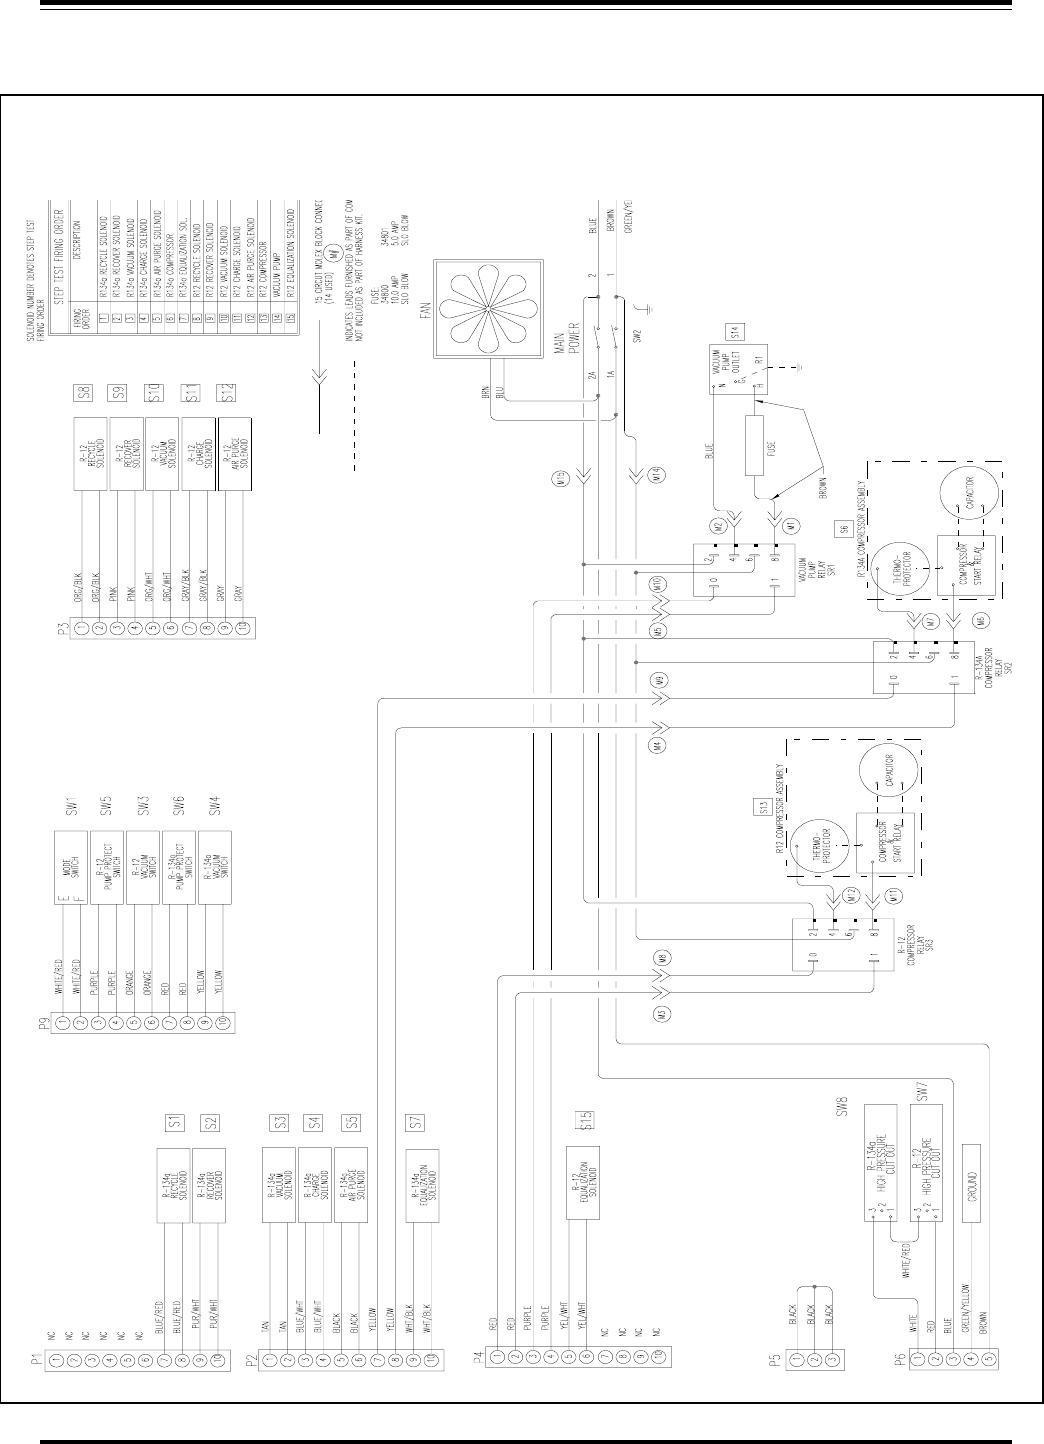 Mac Tools Ac900 Service Manual Download